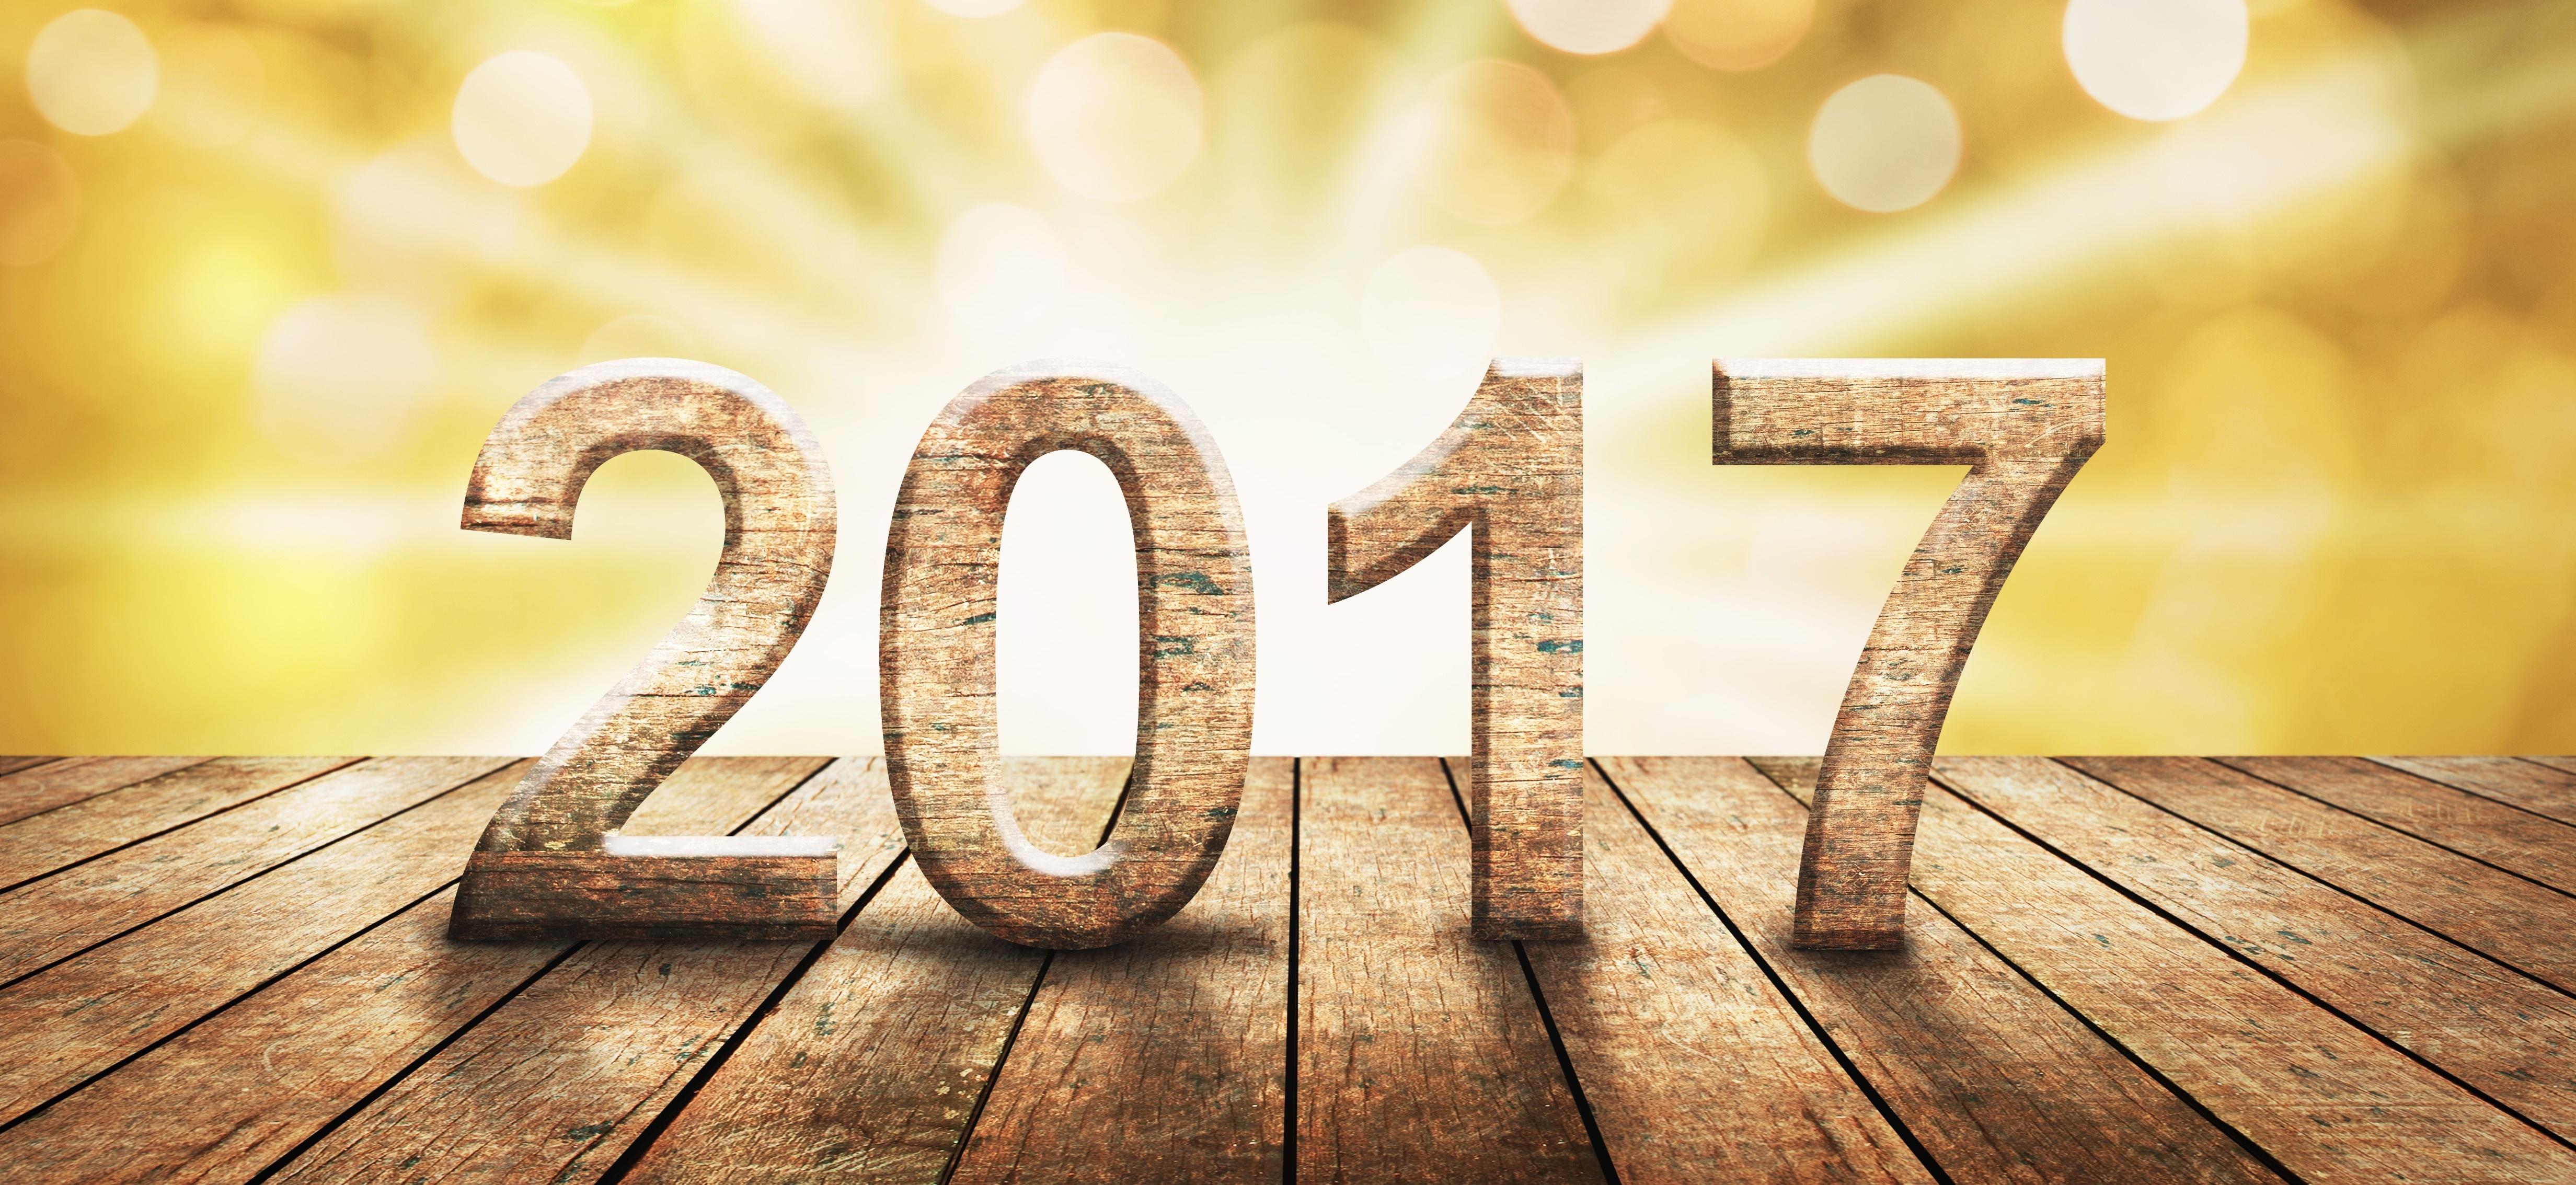 7 Tendencias de Marketing que debes considerar al crear tu presupuesto para el 2017